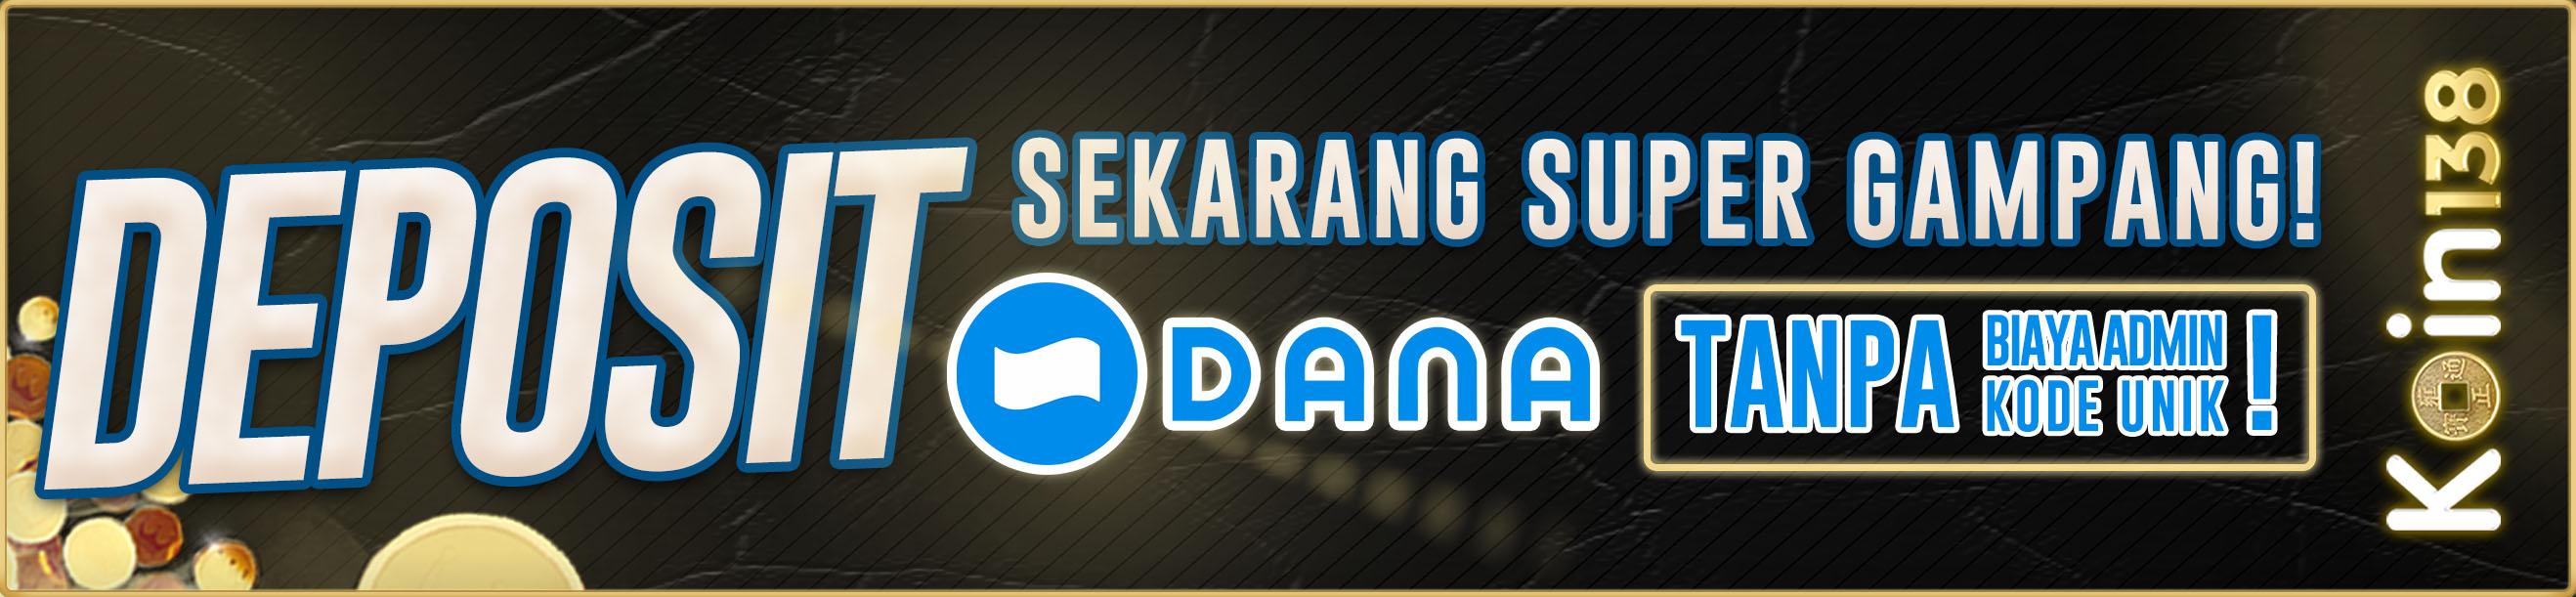 Deposit Dana to Dana